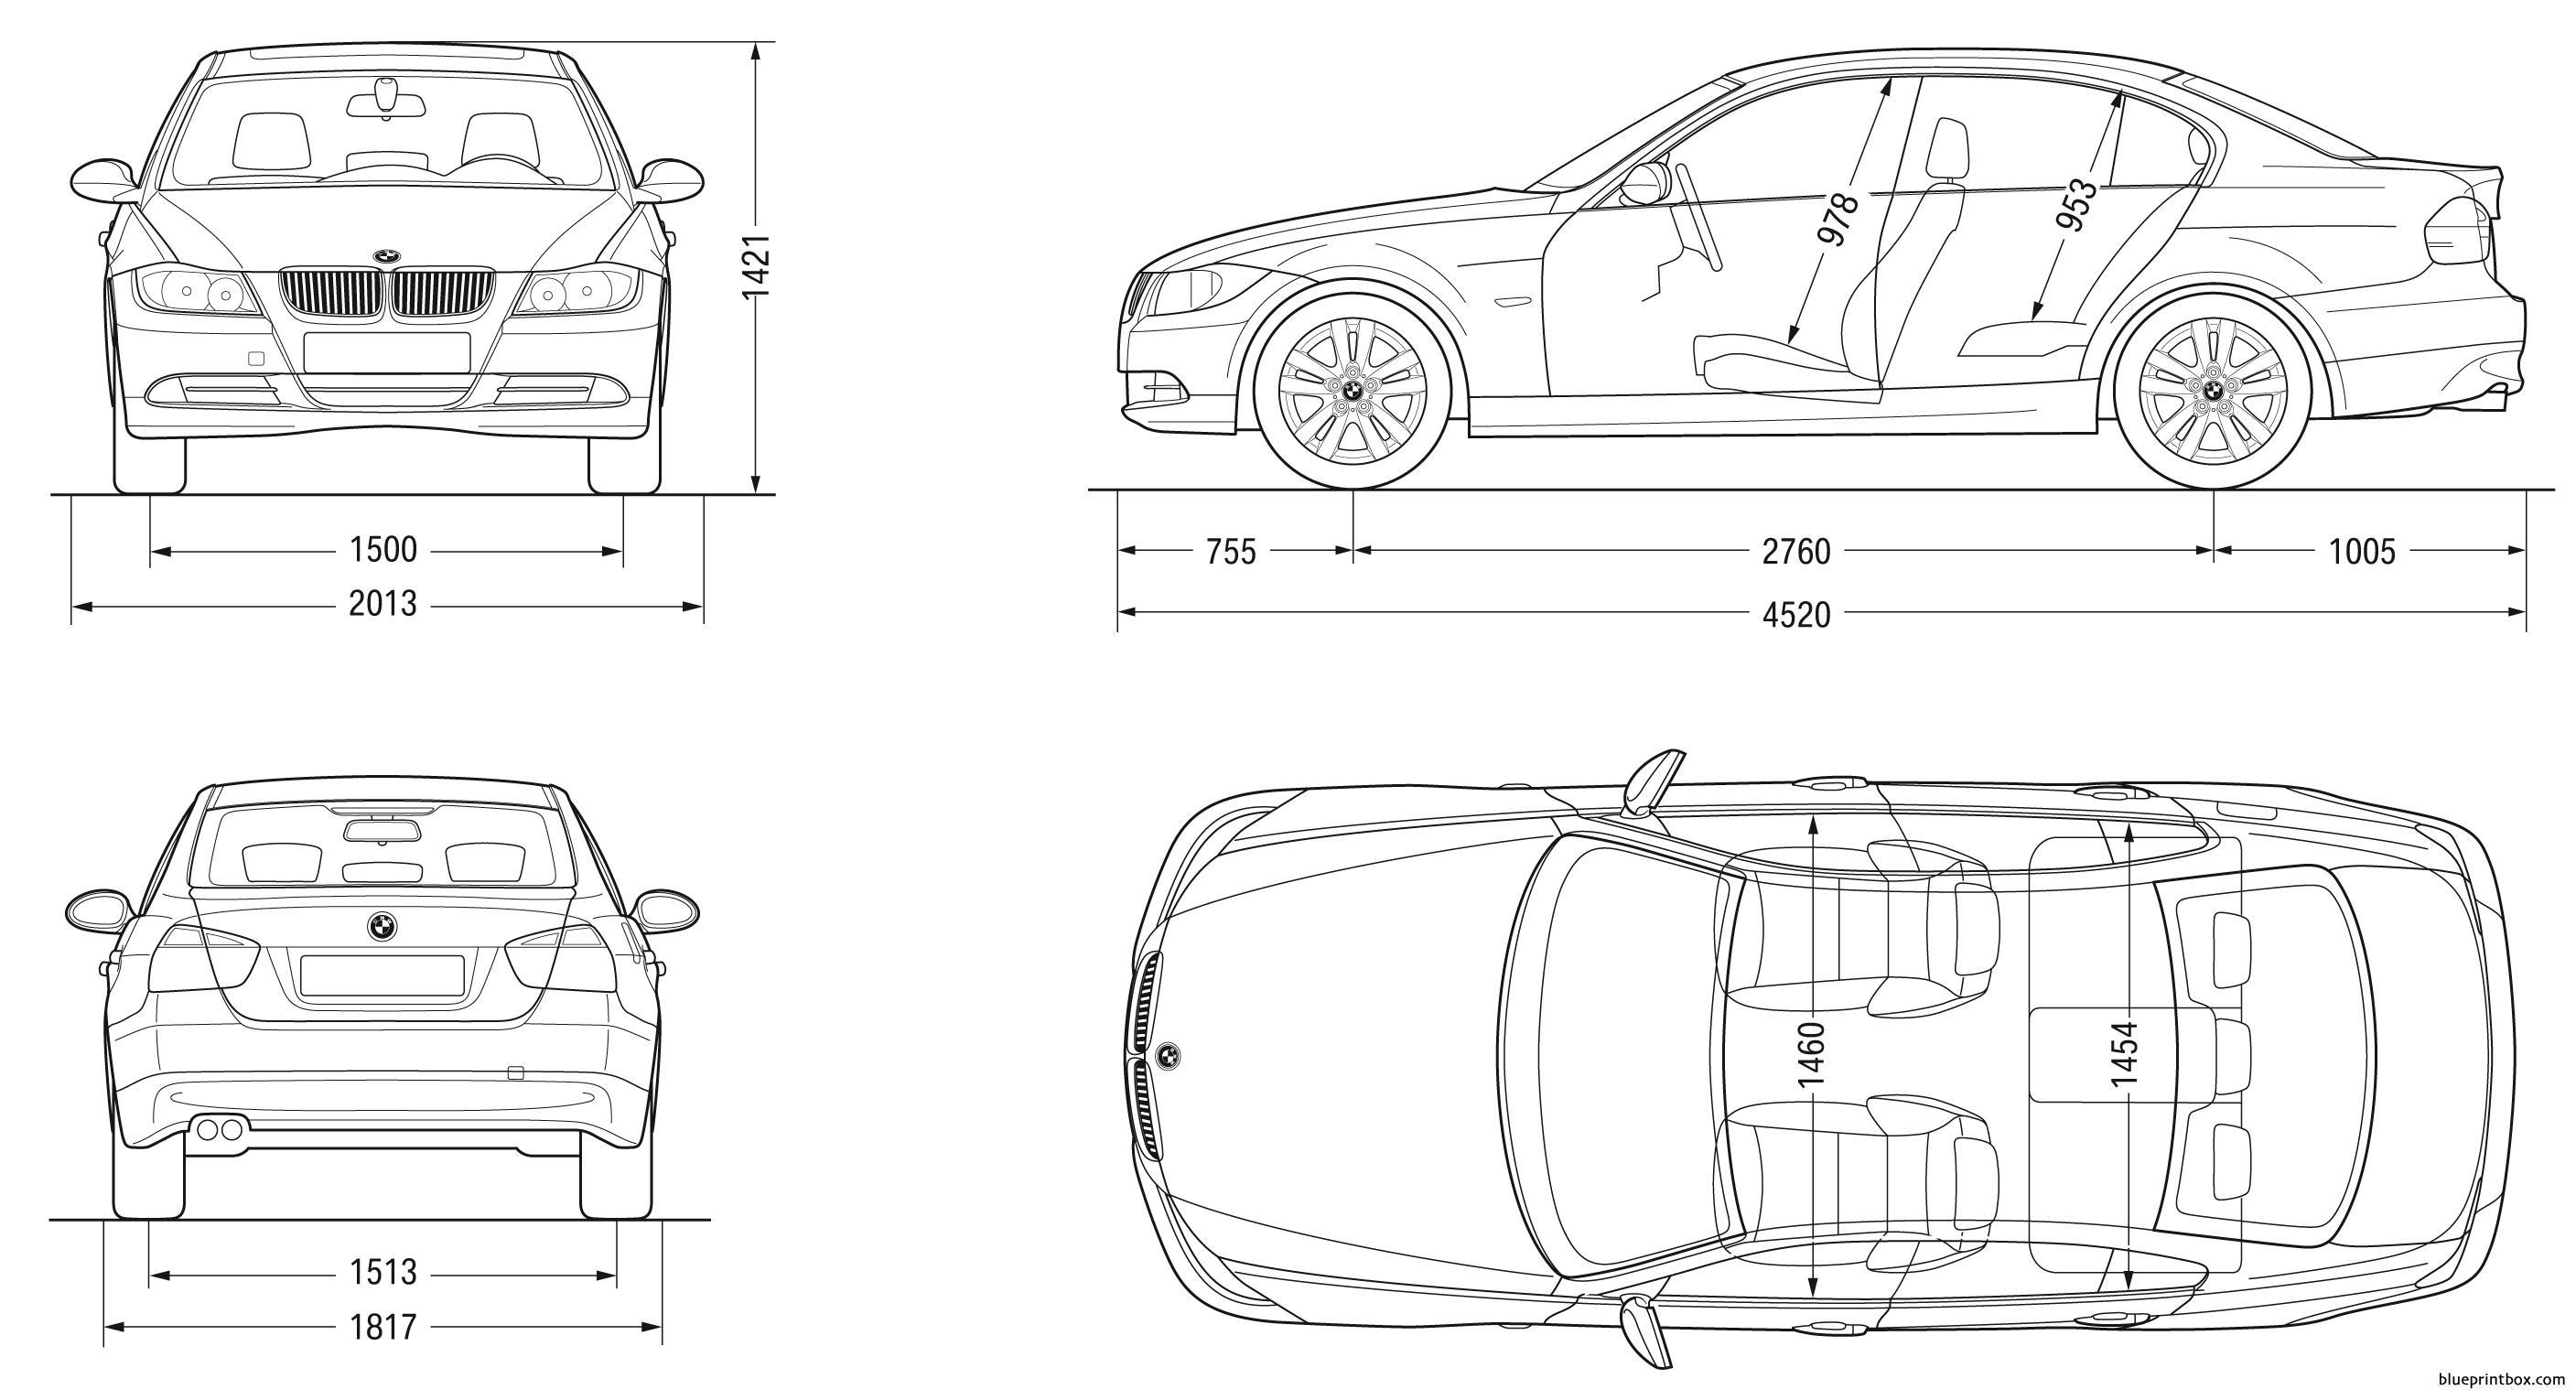 Bmw 3 Sedan 2007 E90 - Blueprintbox Com